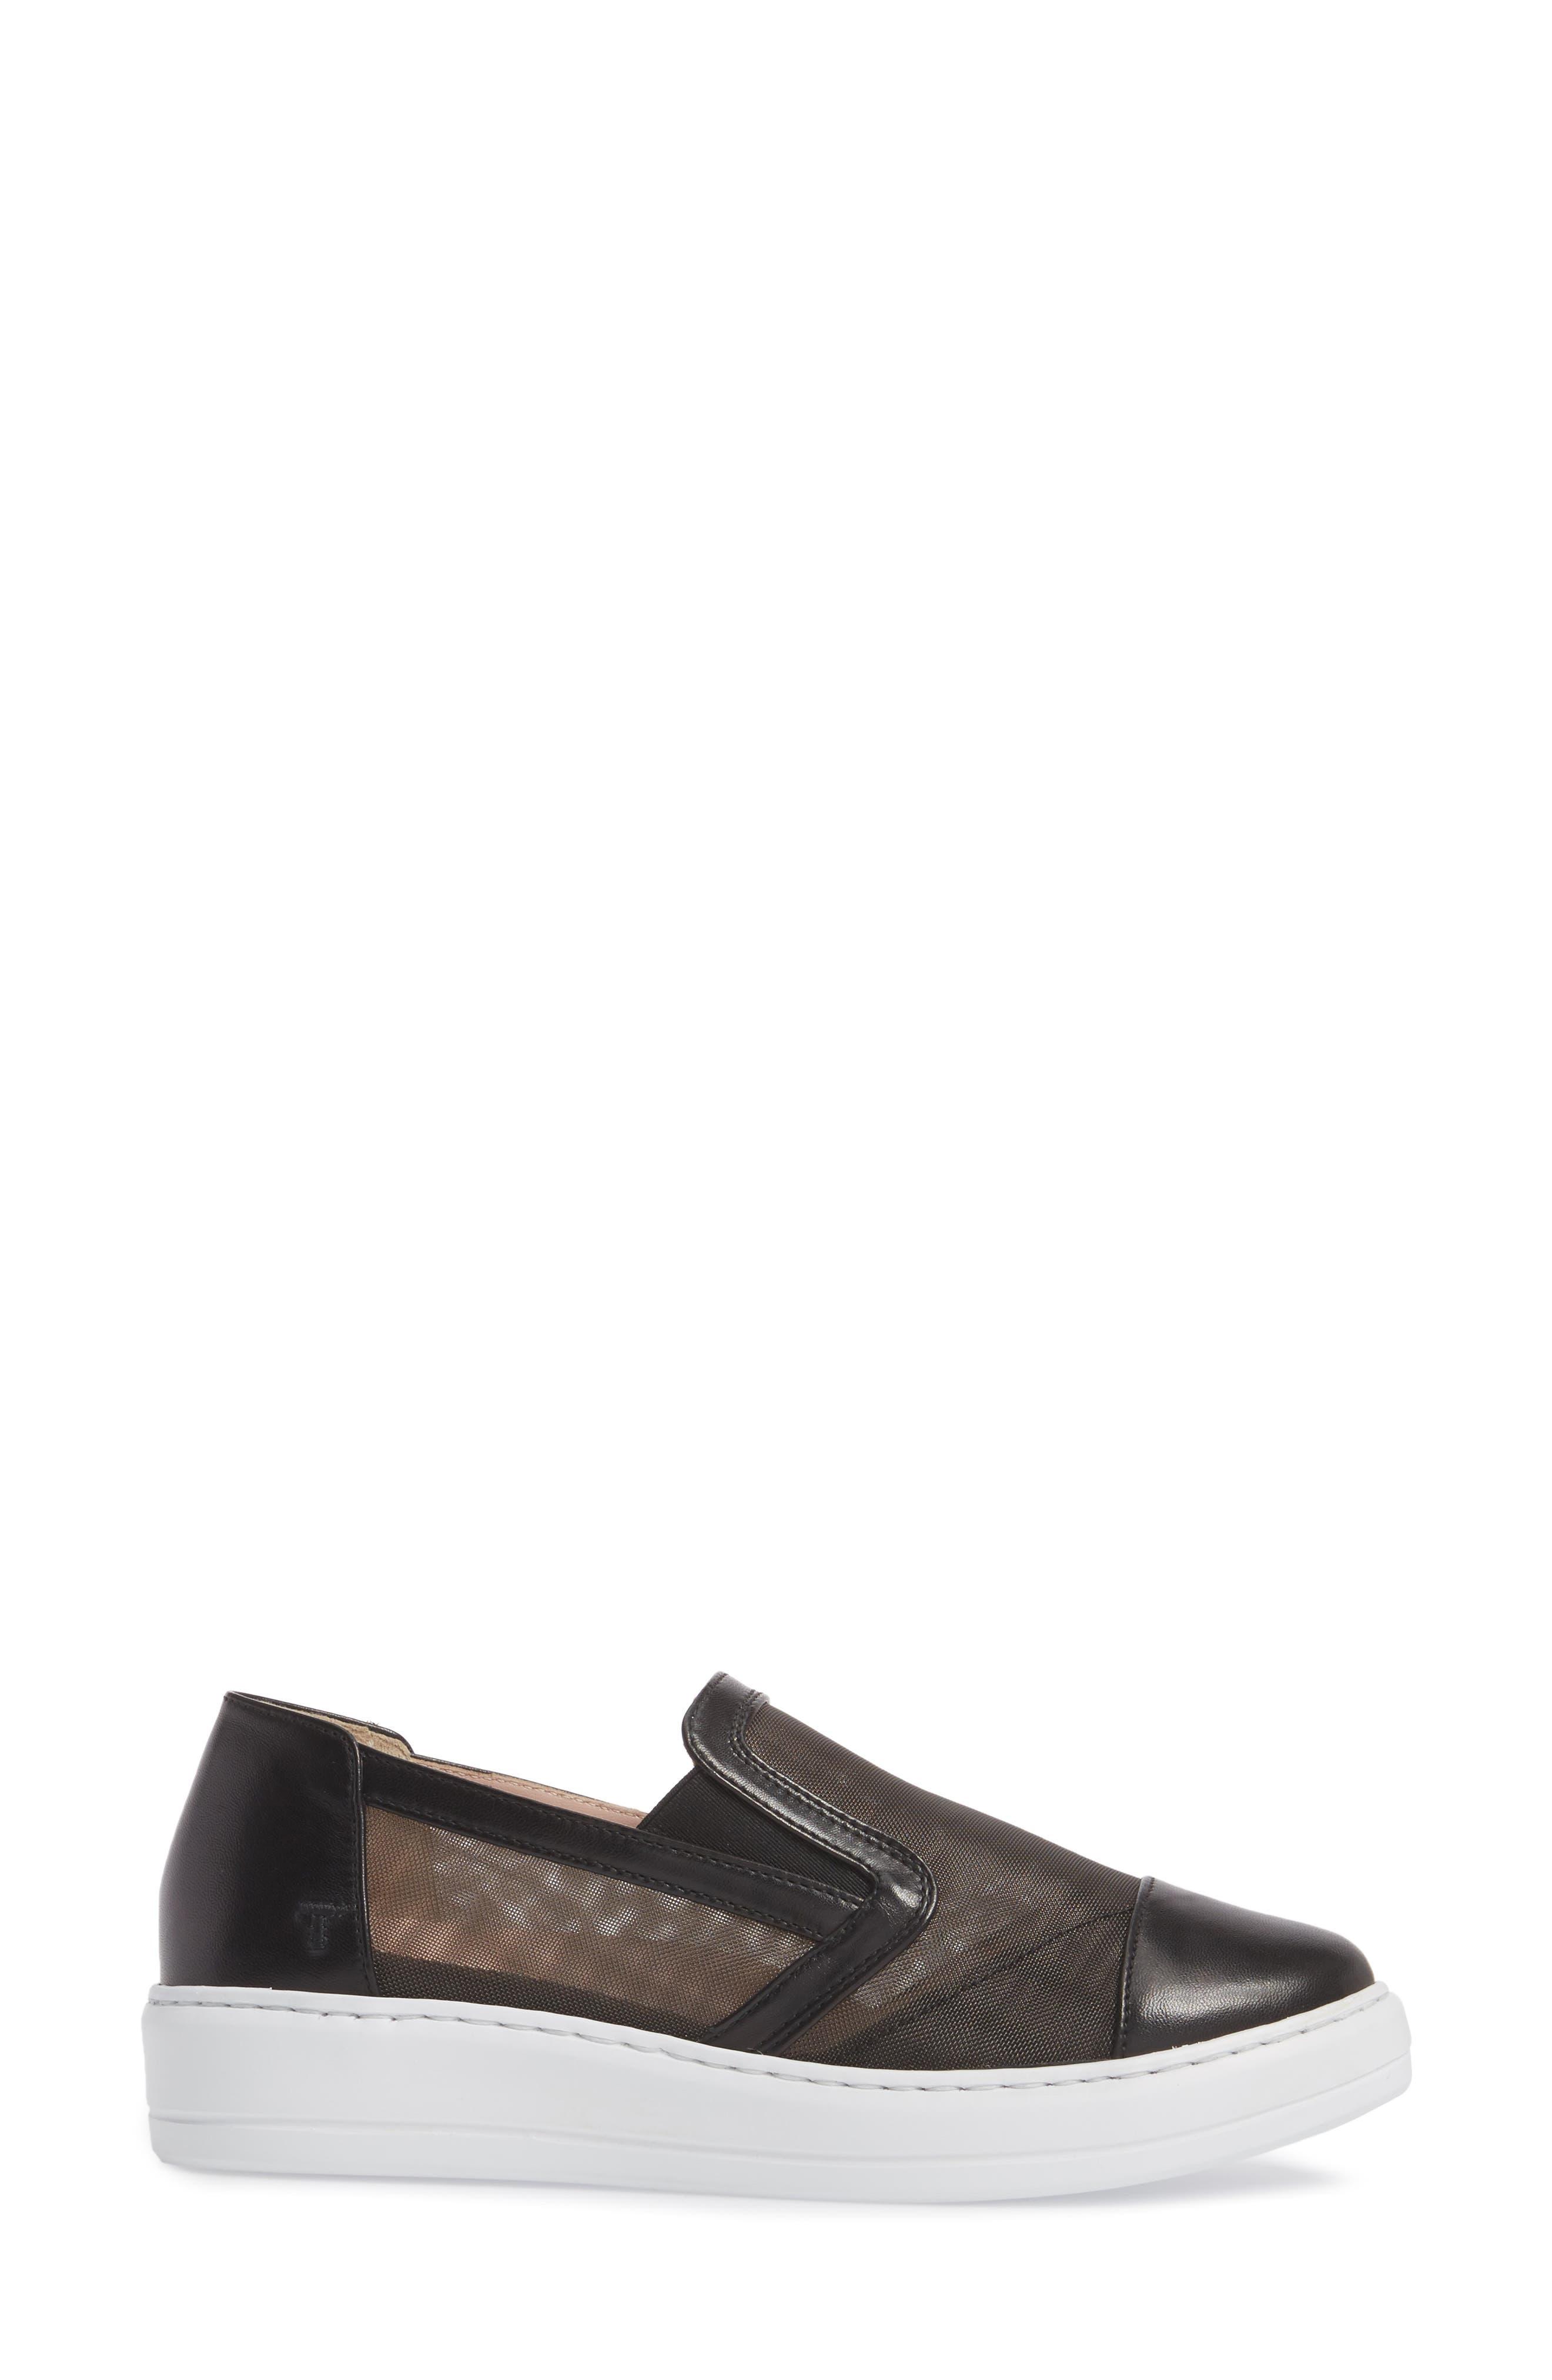 Taryn Rose Calandra Slip-On Sneaker,                             Alternate thumbnail 3, color,                             004